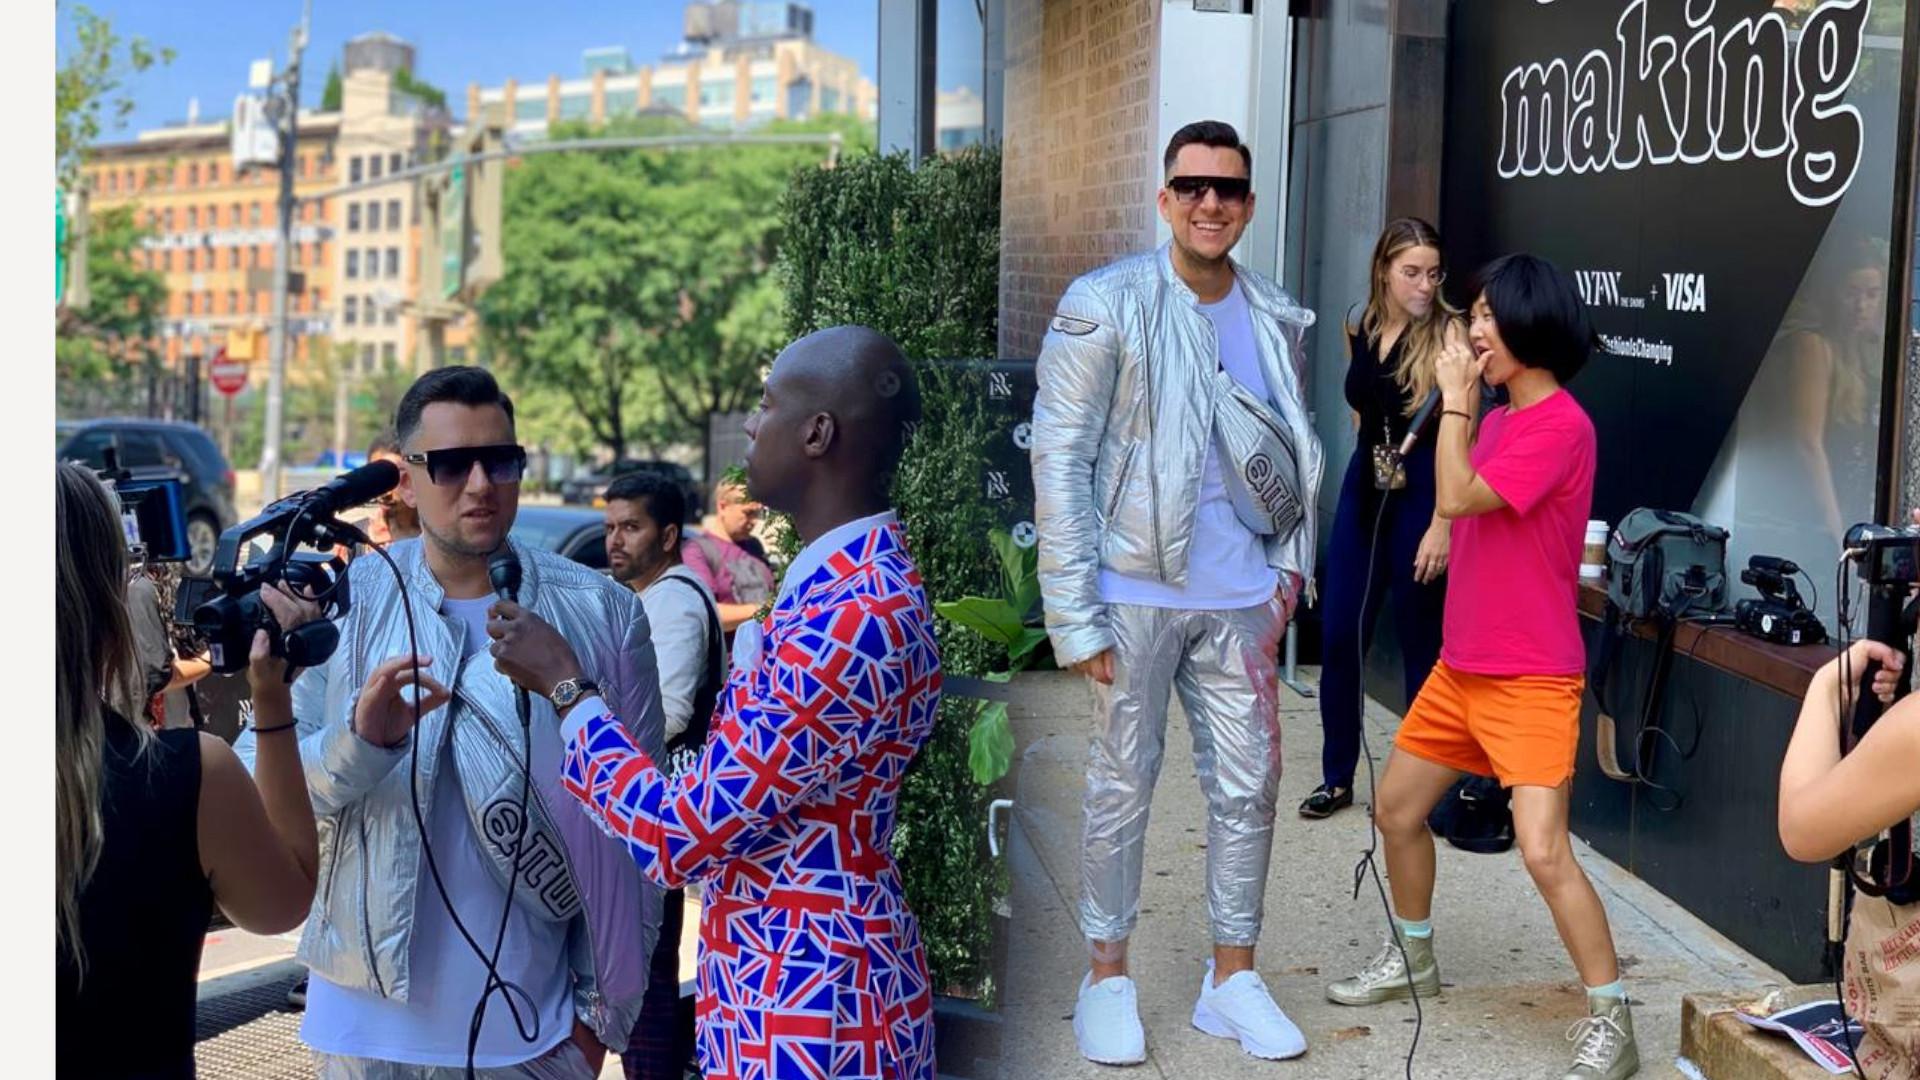 Polski bloger zwrócił uwagę mediów na nowojorskim Fashion Week (ZDJĘCIA)